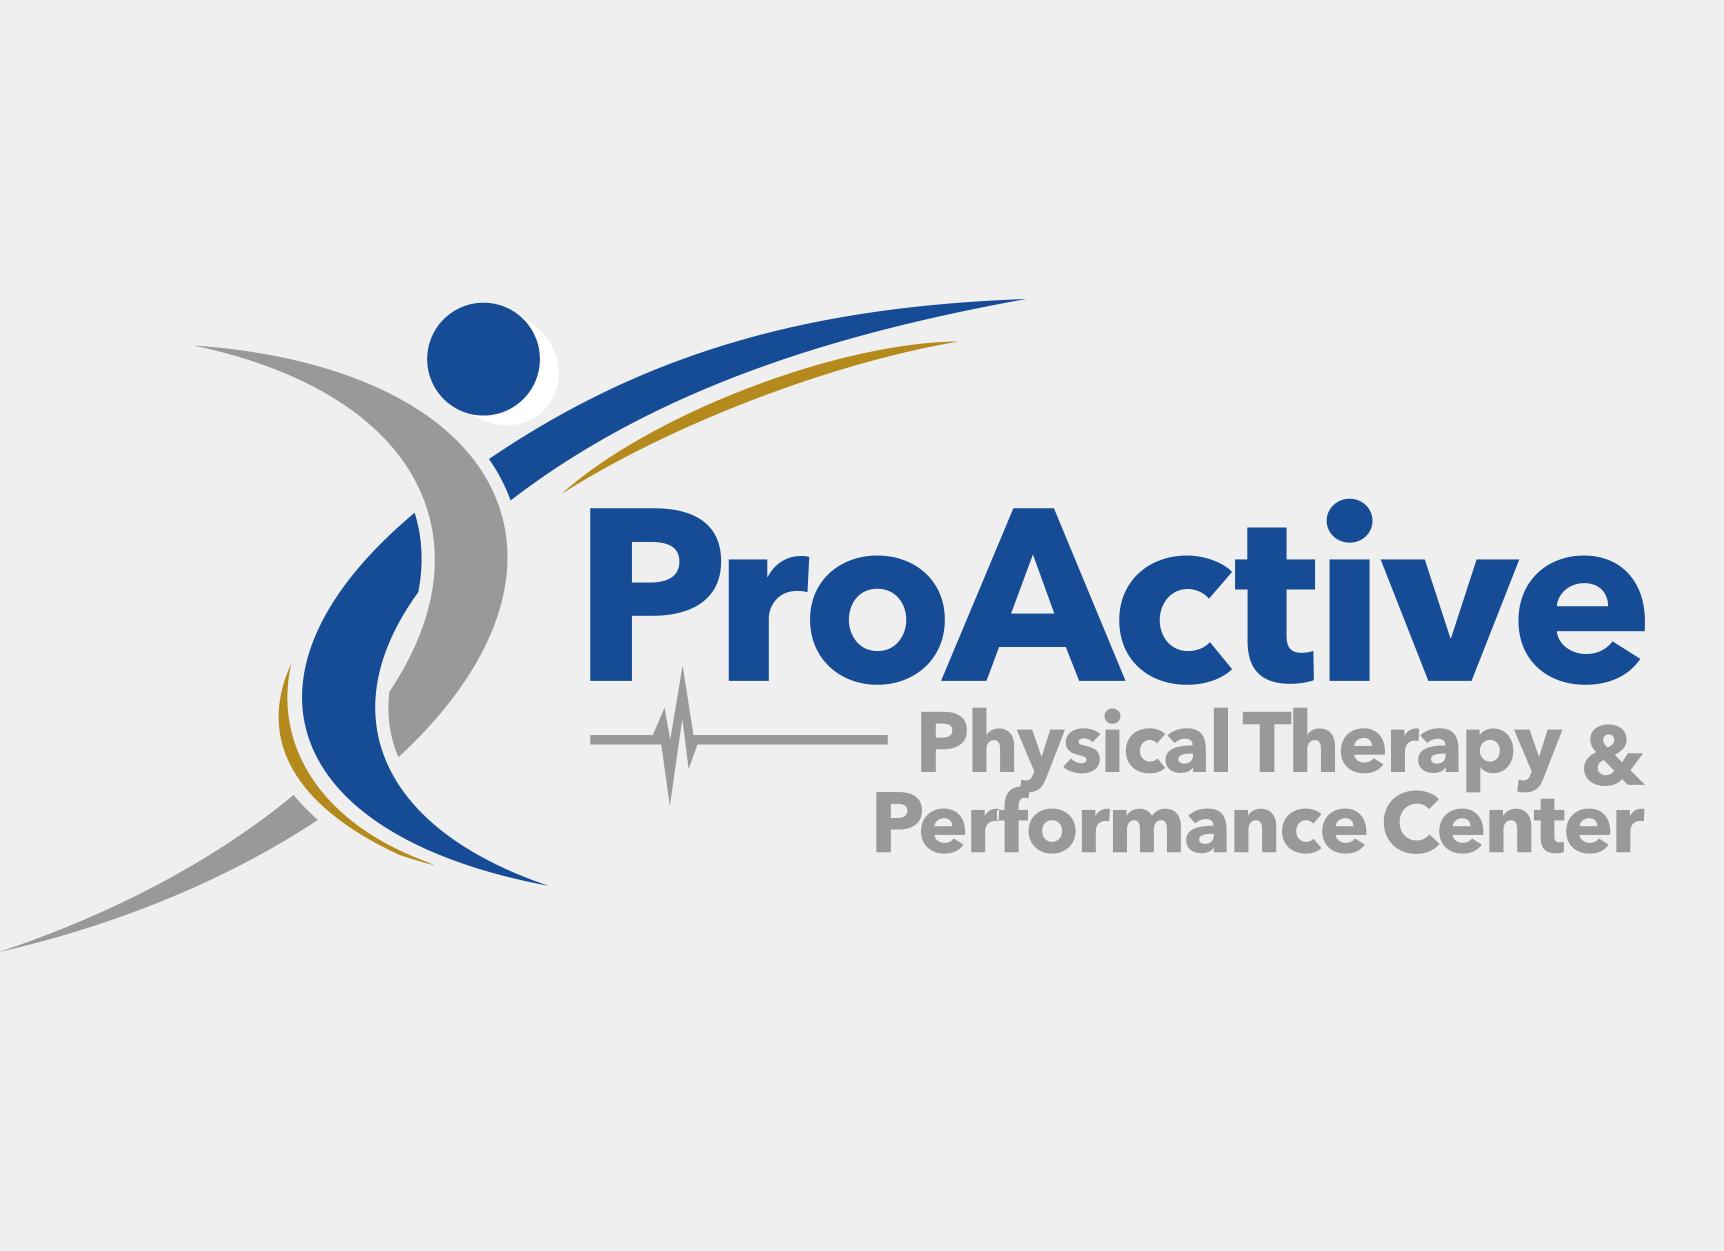 ProActive